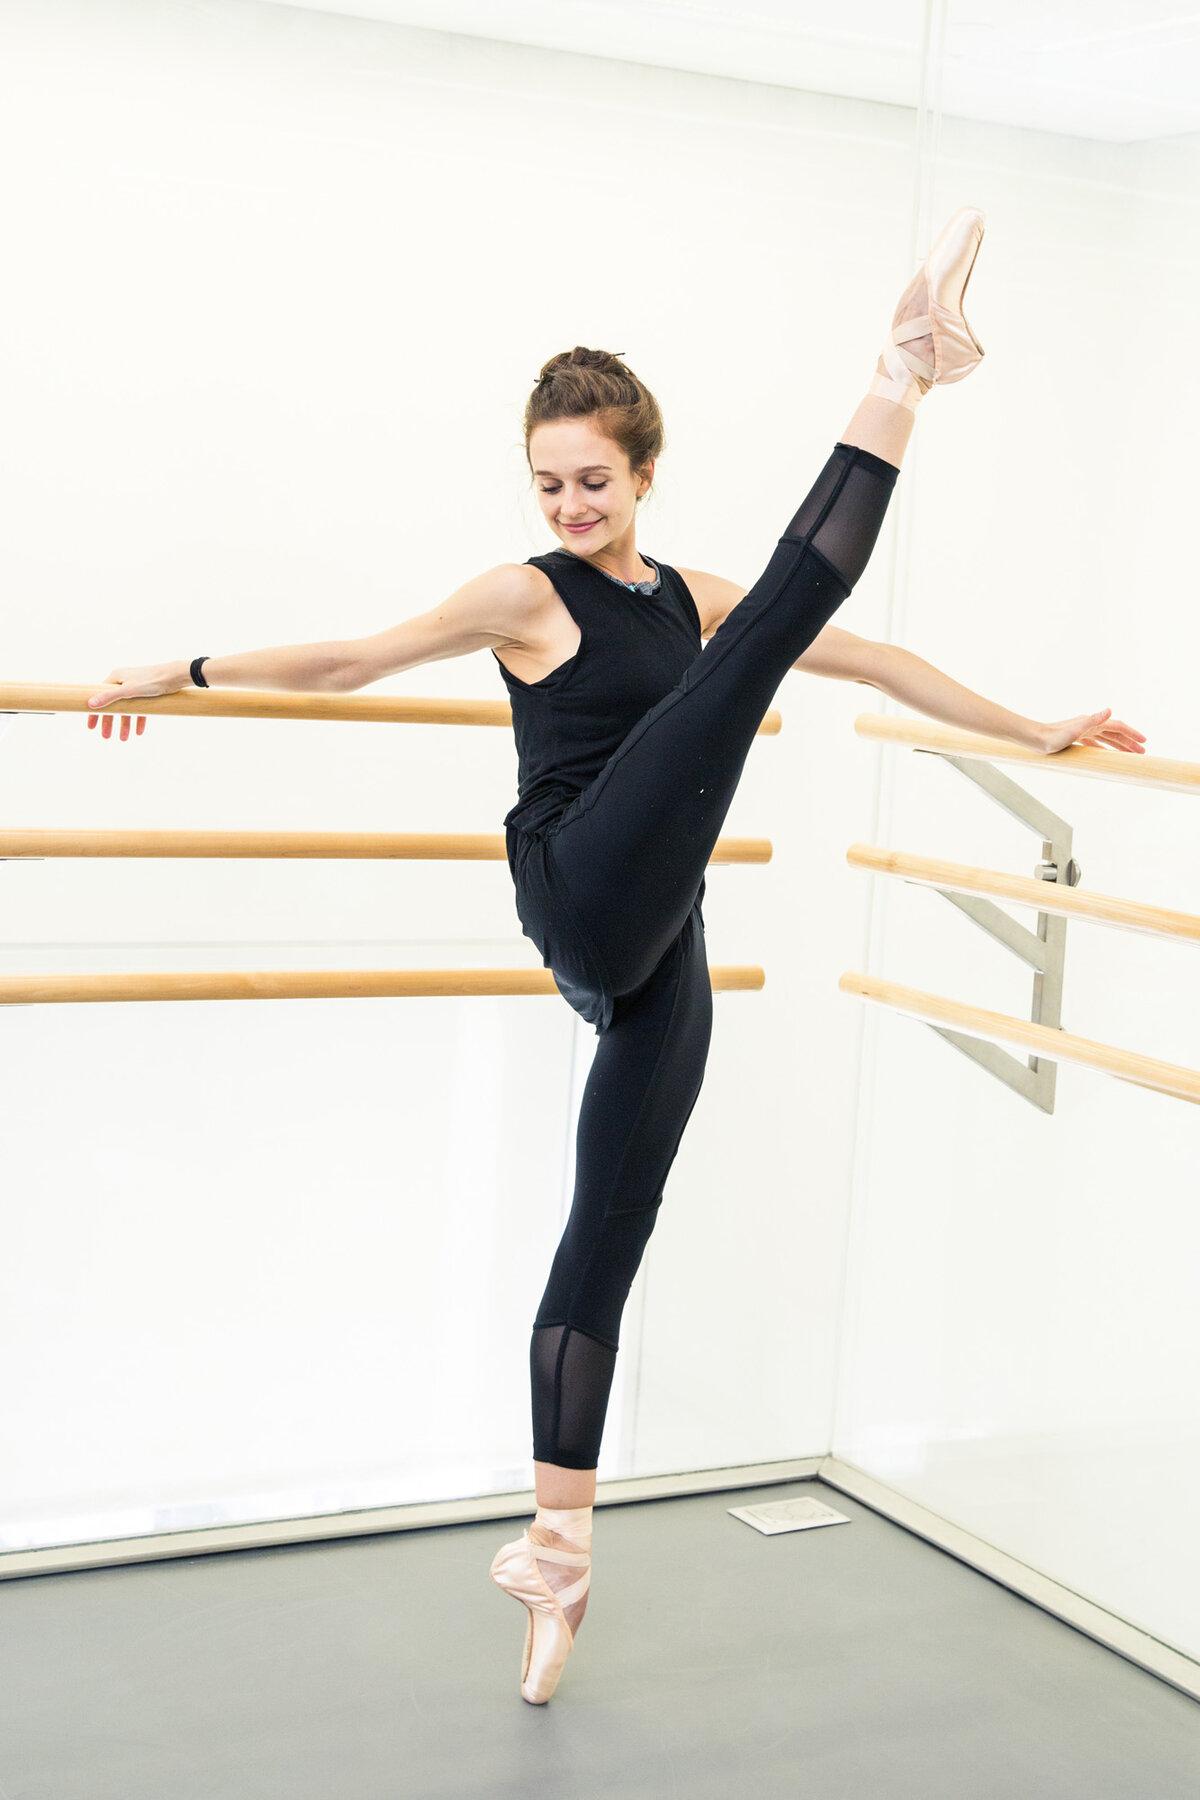 Диета Для Балерин 10 Лет. Диета балерин: принципы, меню на 4 и 10 дней, отзывы